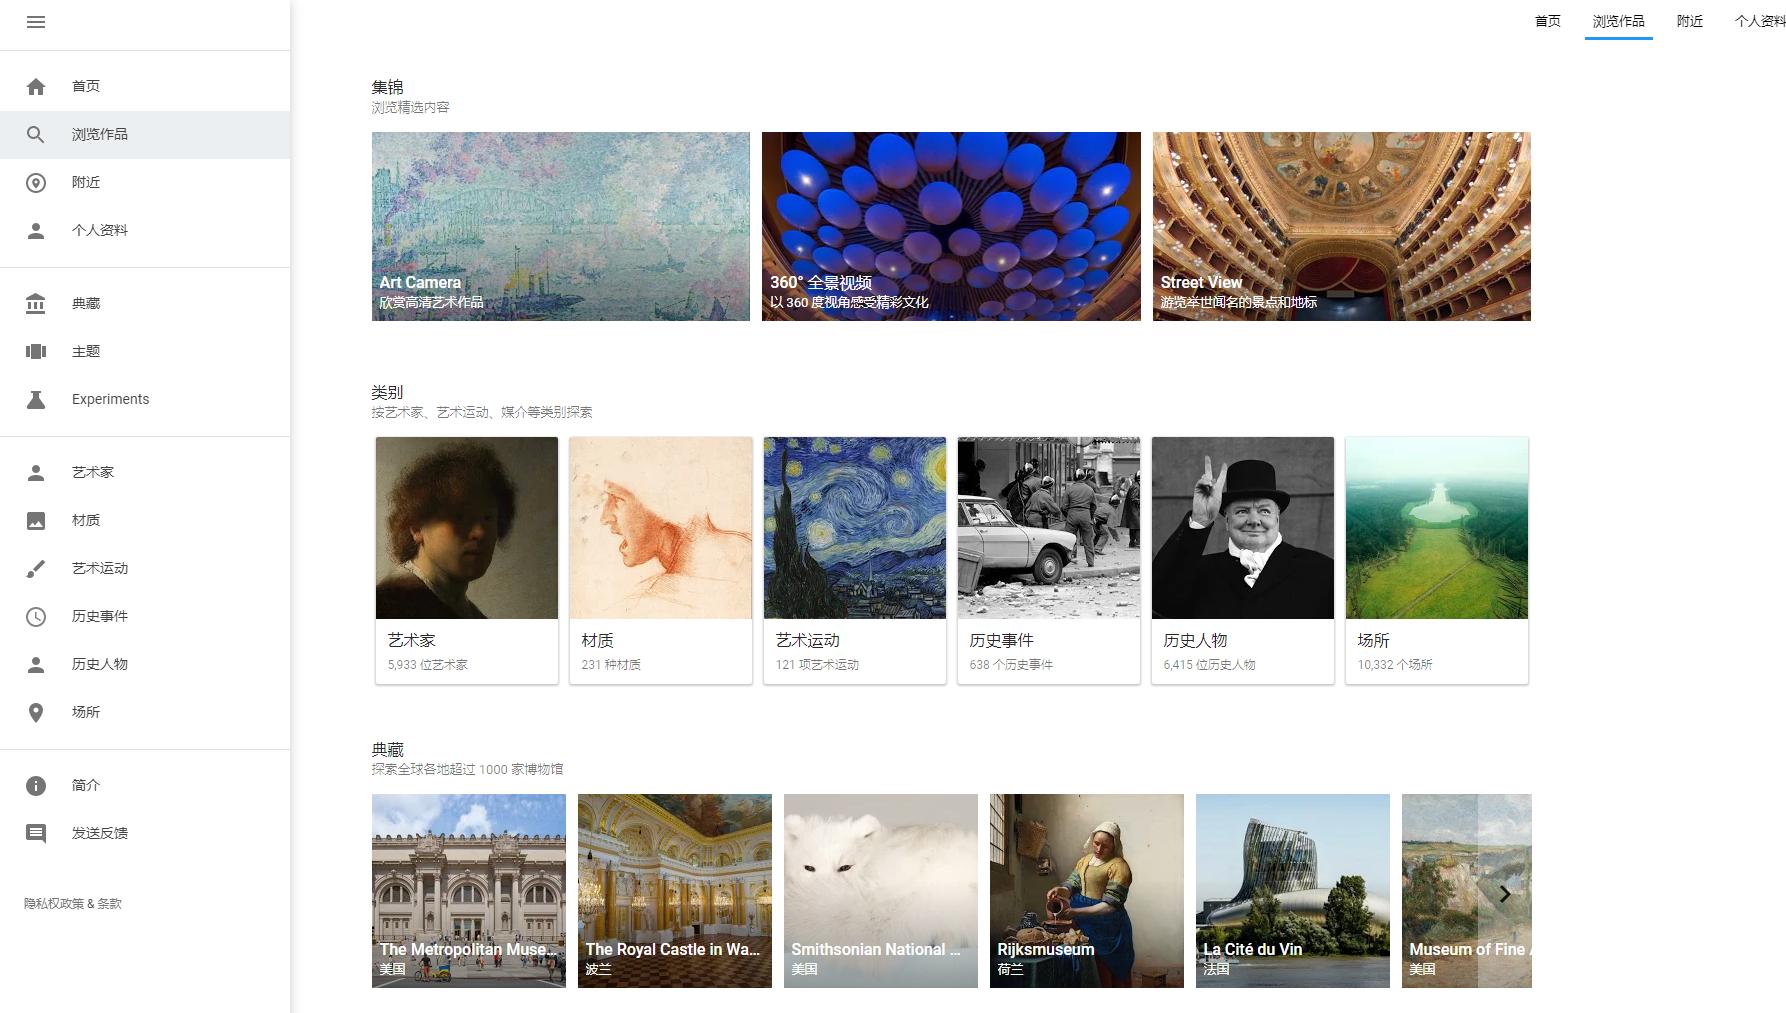 什么网站:有哪些高质量的图片网站(社区)推荐?-U9SEO